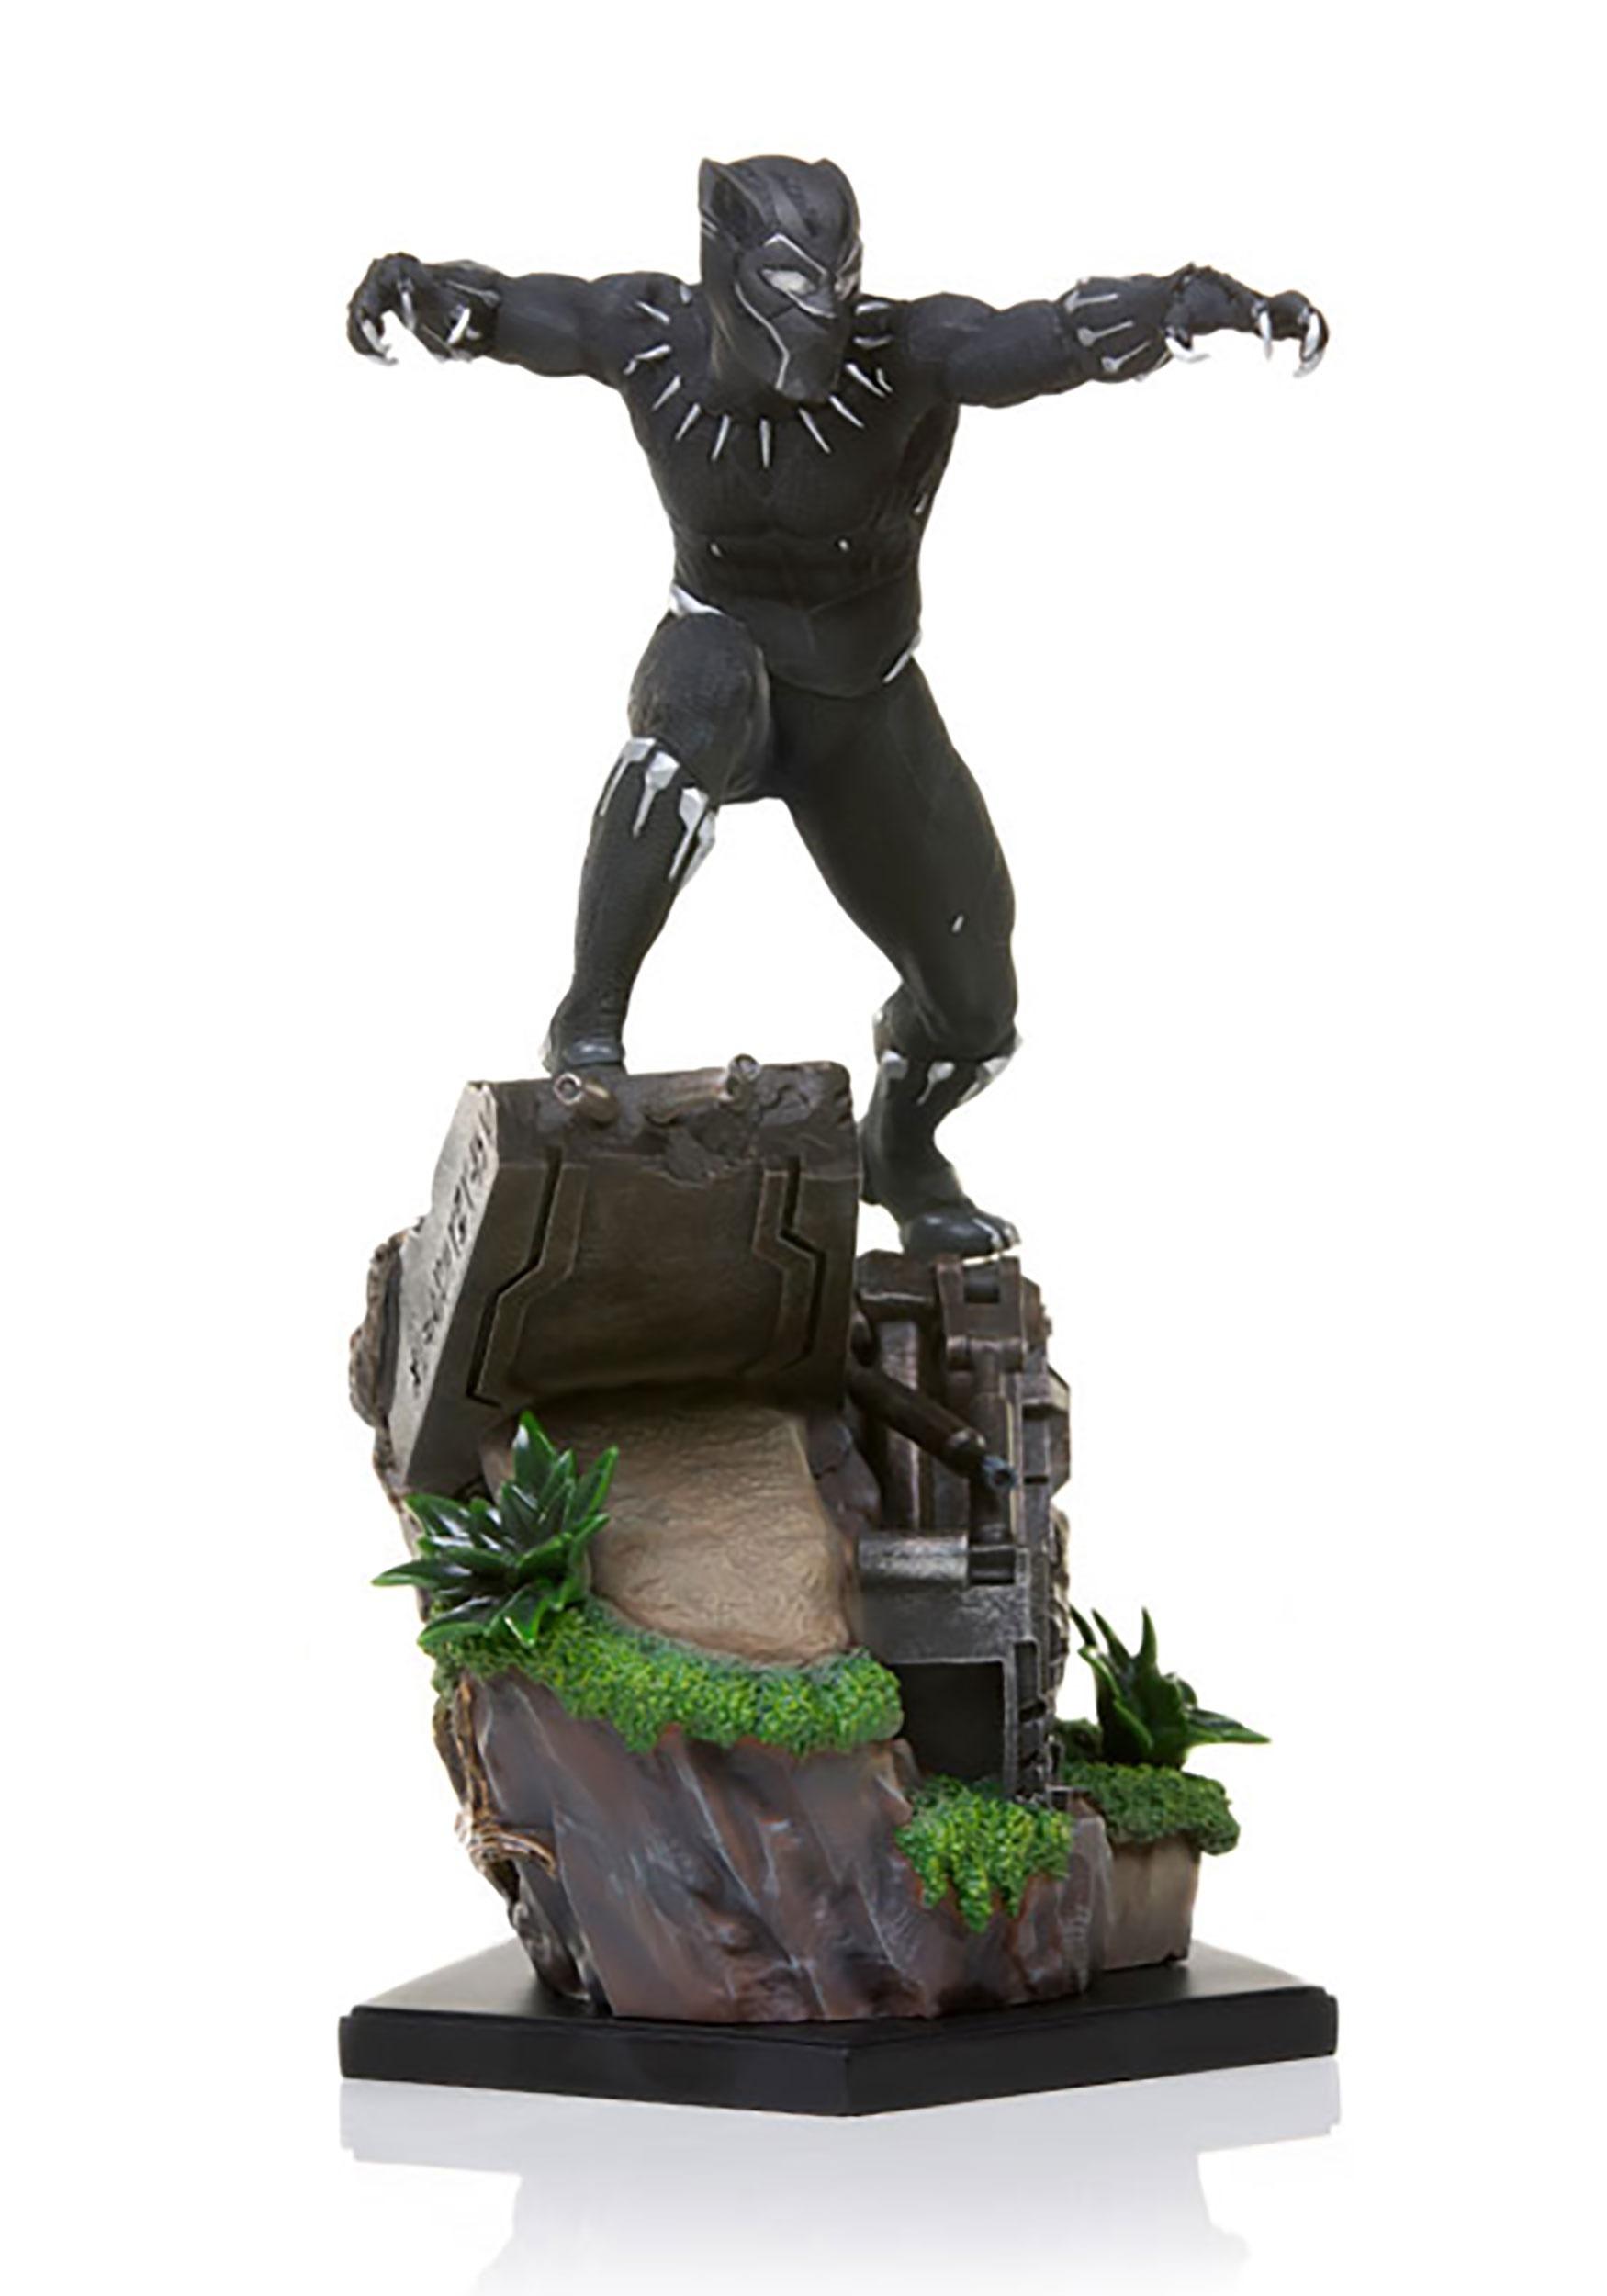 Black_Panther_Iron_Studios_Battle_Diorama